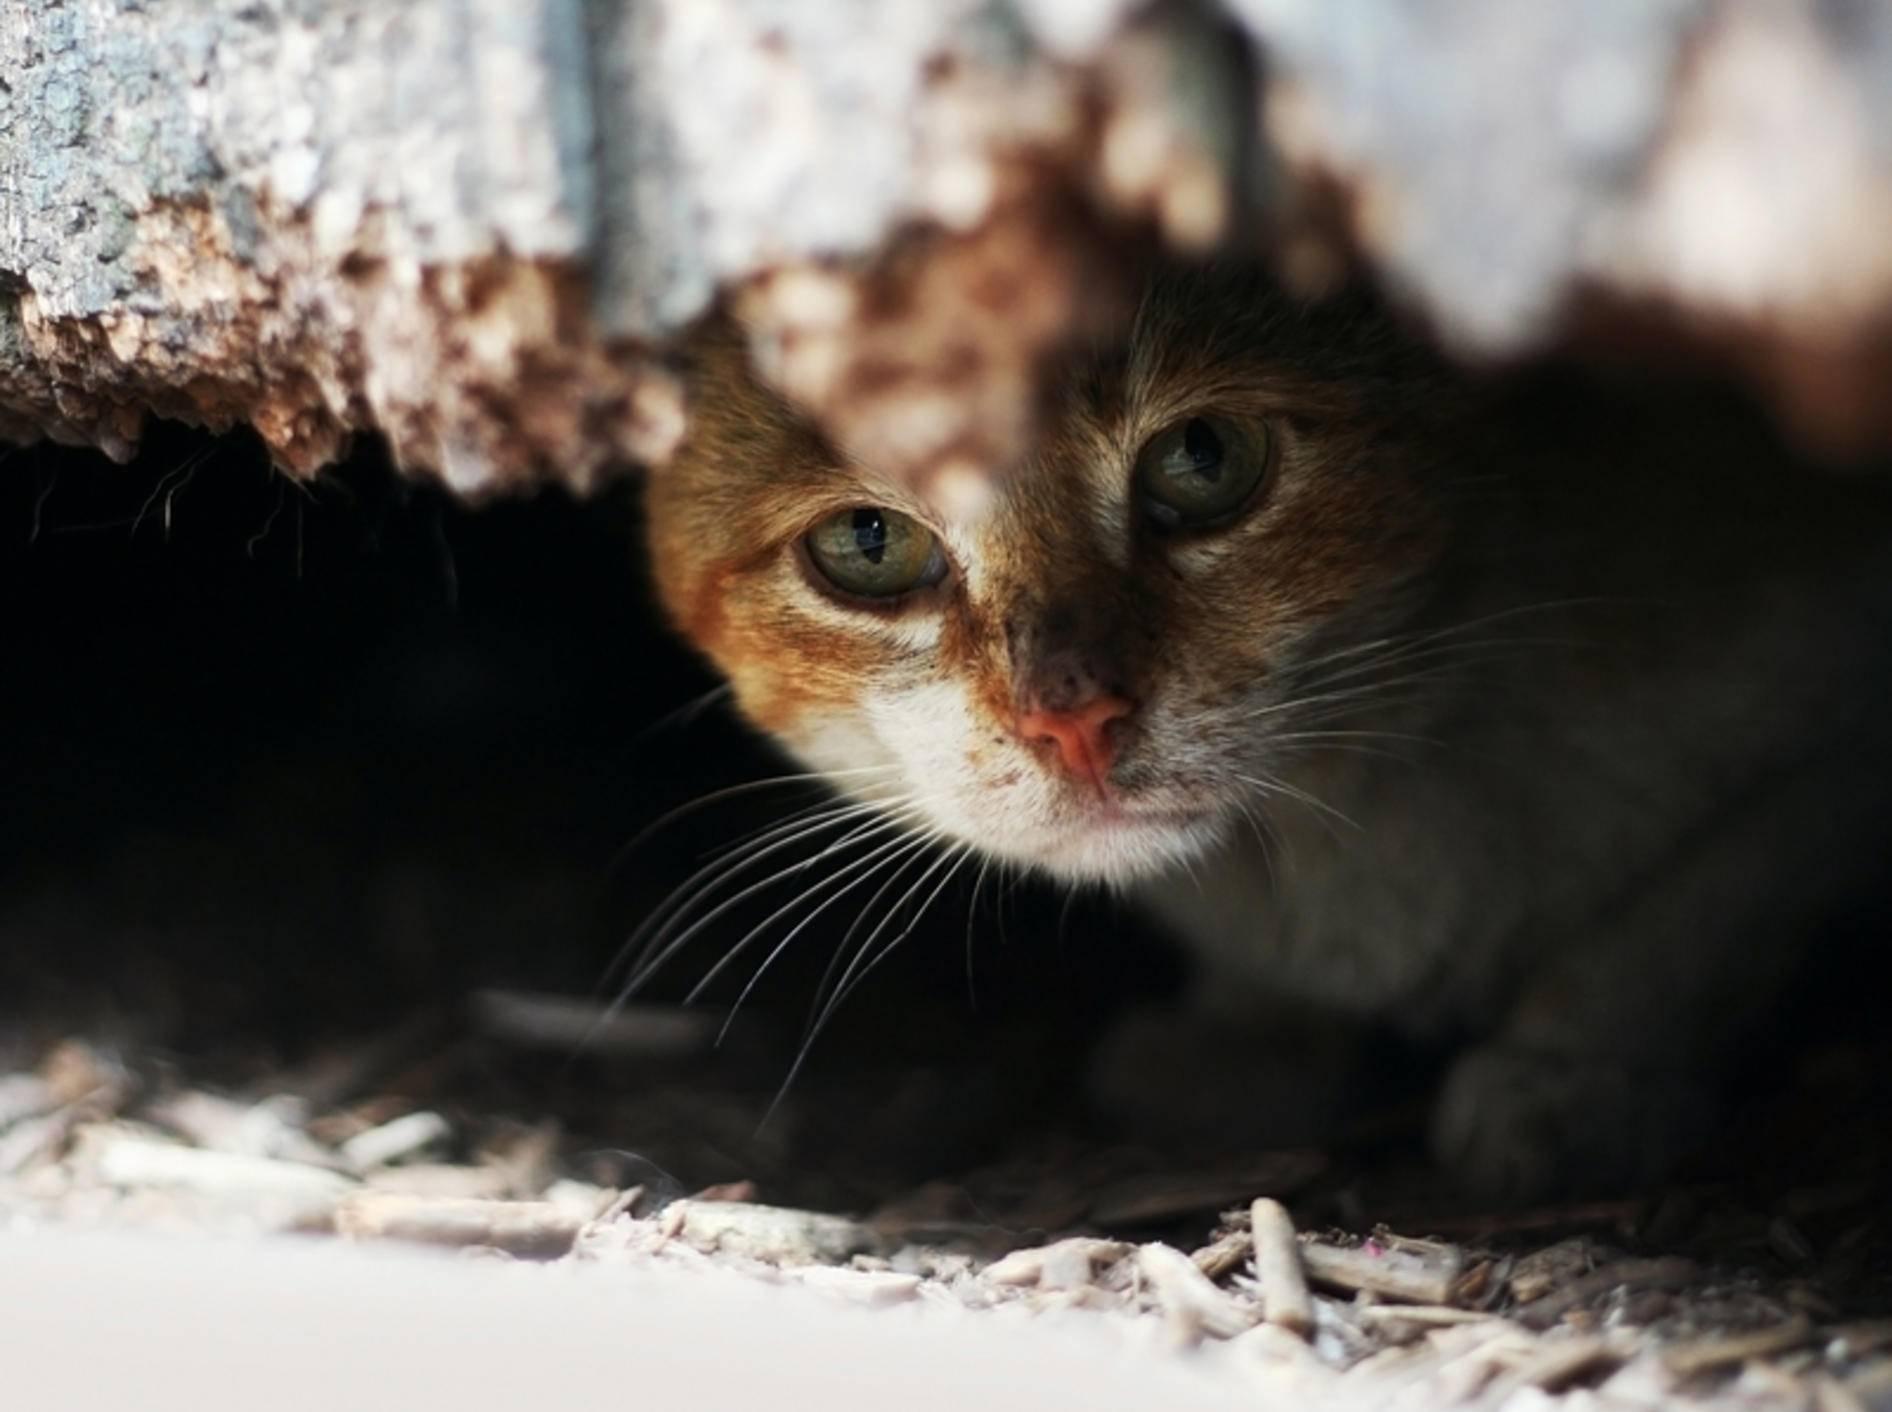 Kranke, geschwächte Katzen ziehen sich manchmal in Verstecke zurück – Shutterstock / Lenar Musin